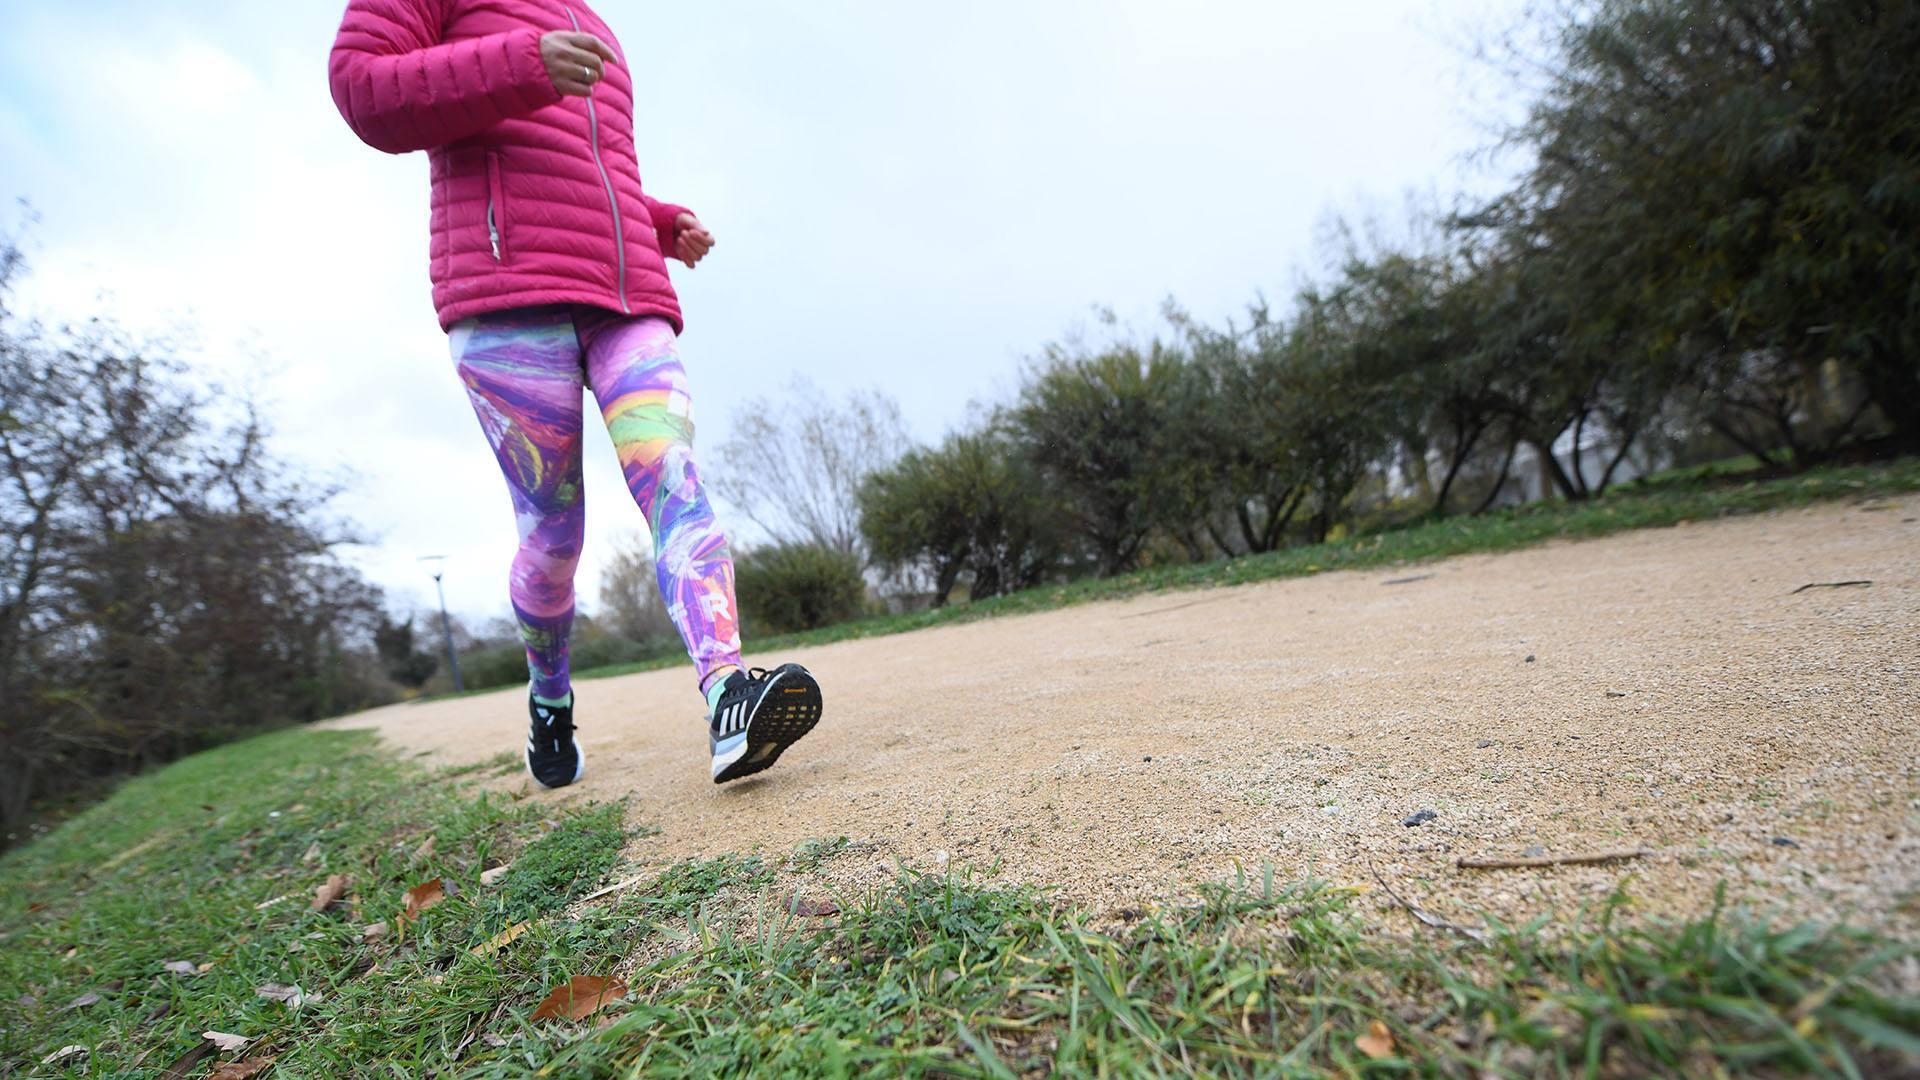 Lutter contre Parkinson dans les pas de Pascaline Metzger : un défi sportif pour lutter contre parkinson